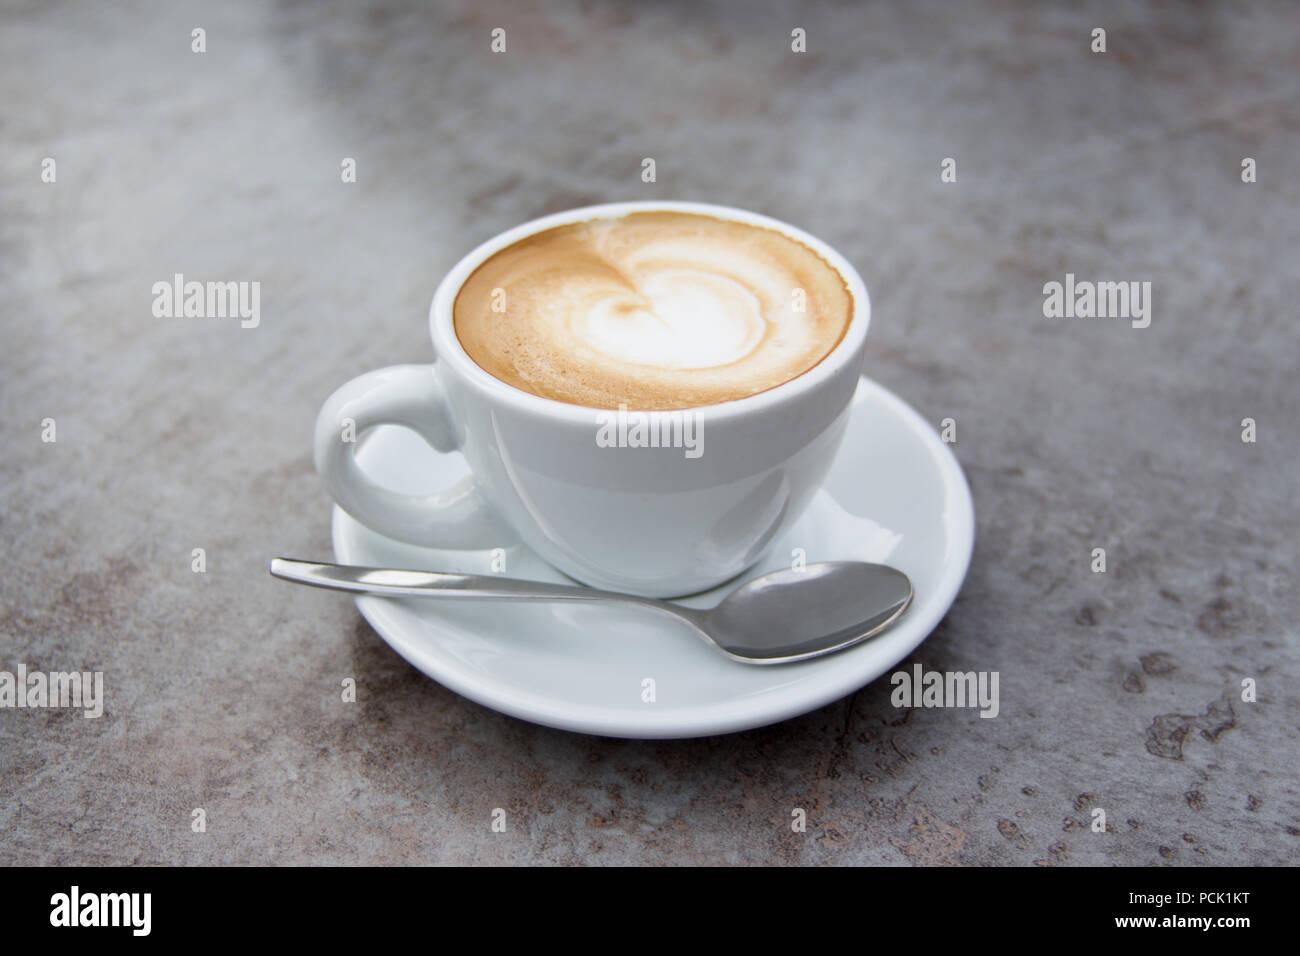 Cappuccino Latte moka chaud agréable café pour le petit déjeuner buffet Photo Stock